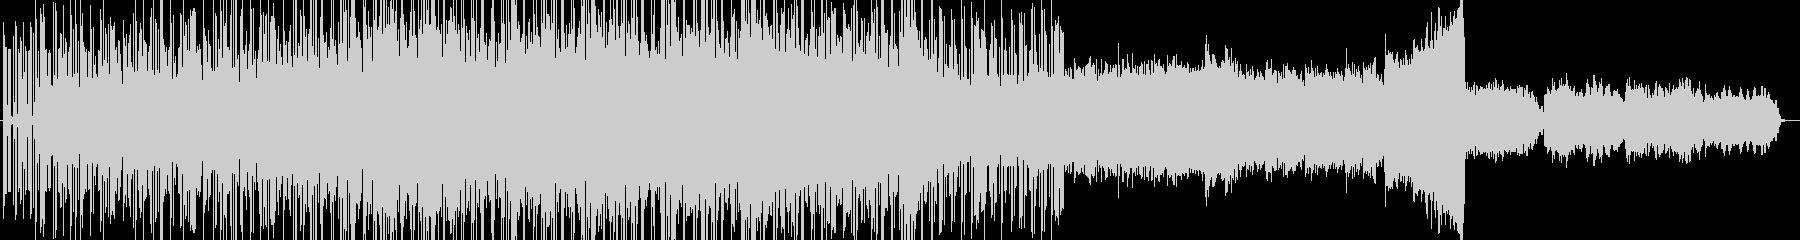 シンセベースが特徴的な無機質テクノBGMの未再生の波形